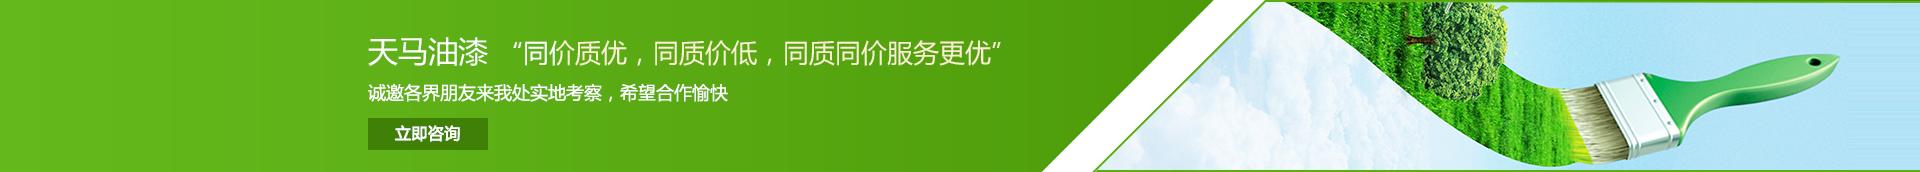 亚博体彩网址工业亚博视频破解版